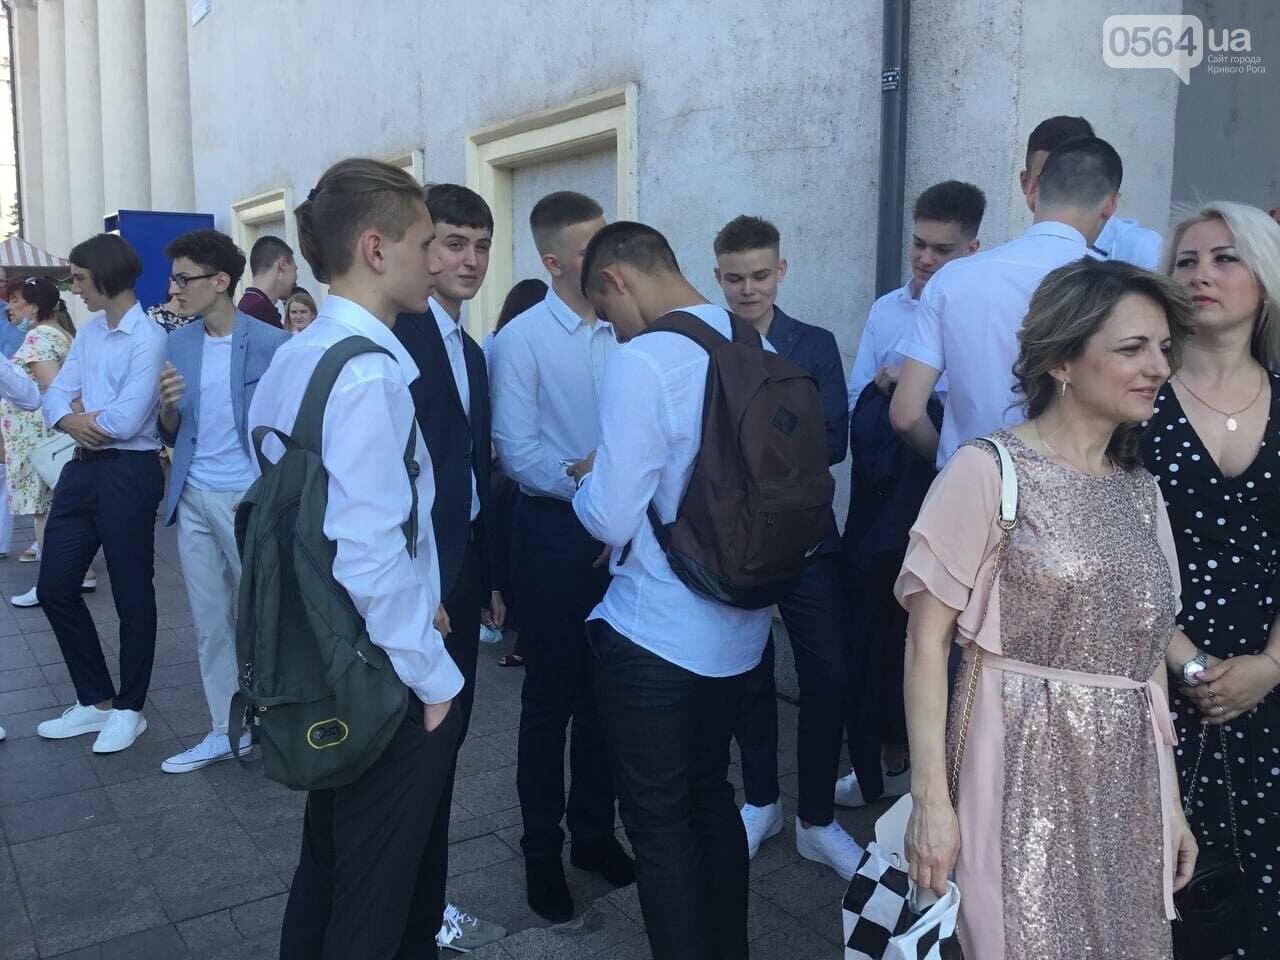 В Кривом Роге 3667 выпускников сегодня прощаются со своими alma mater, - ФОТО, фото-21